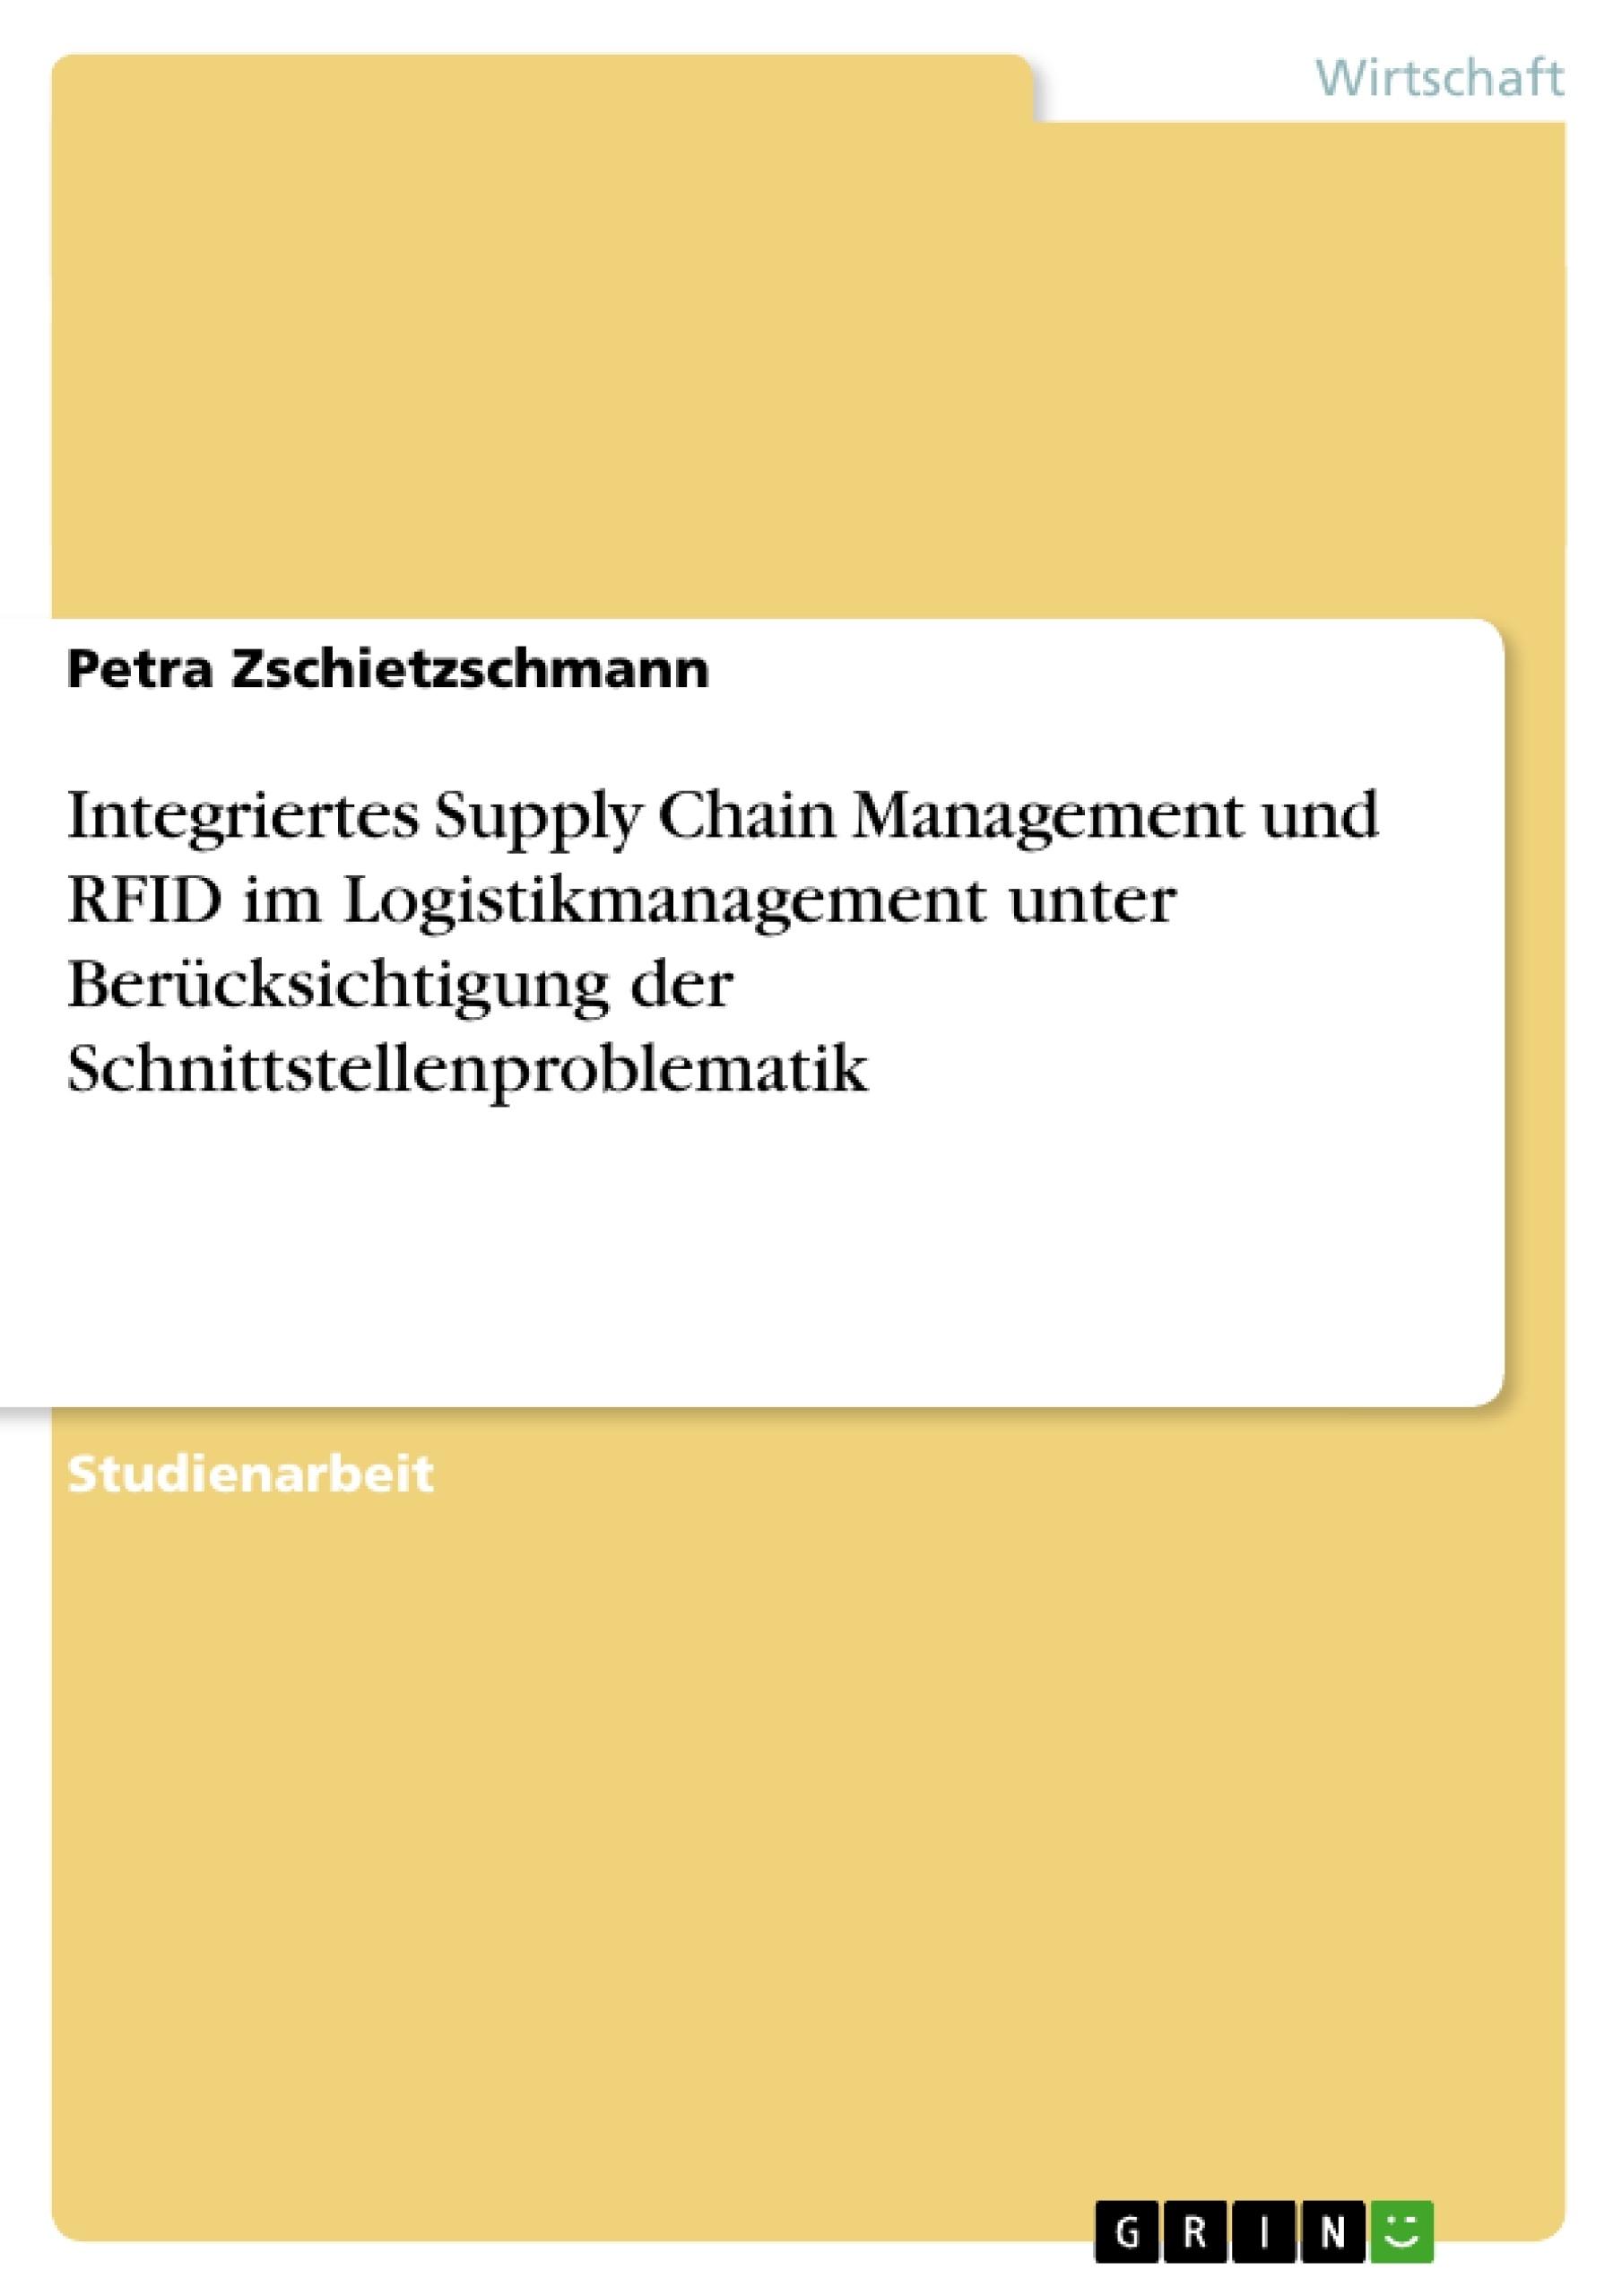 Titel: Integriertes Supply Chain Management und RFID im Logistikmanagement unter Berücksichtigung der Schnittstellenproblematik